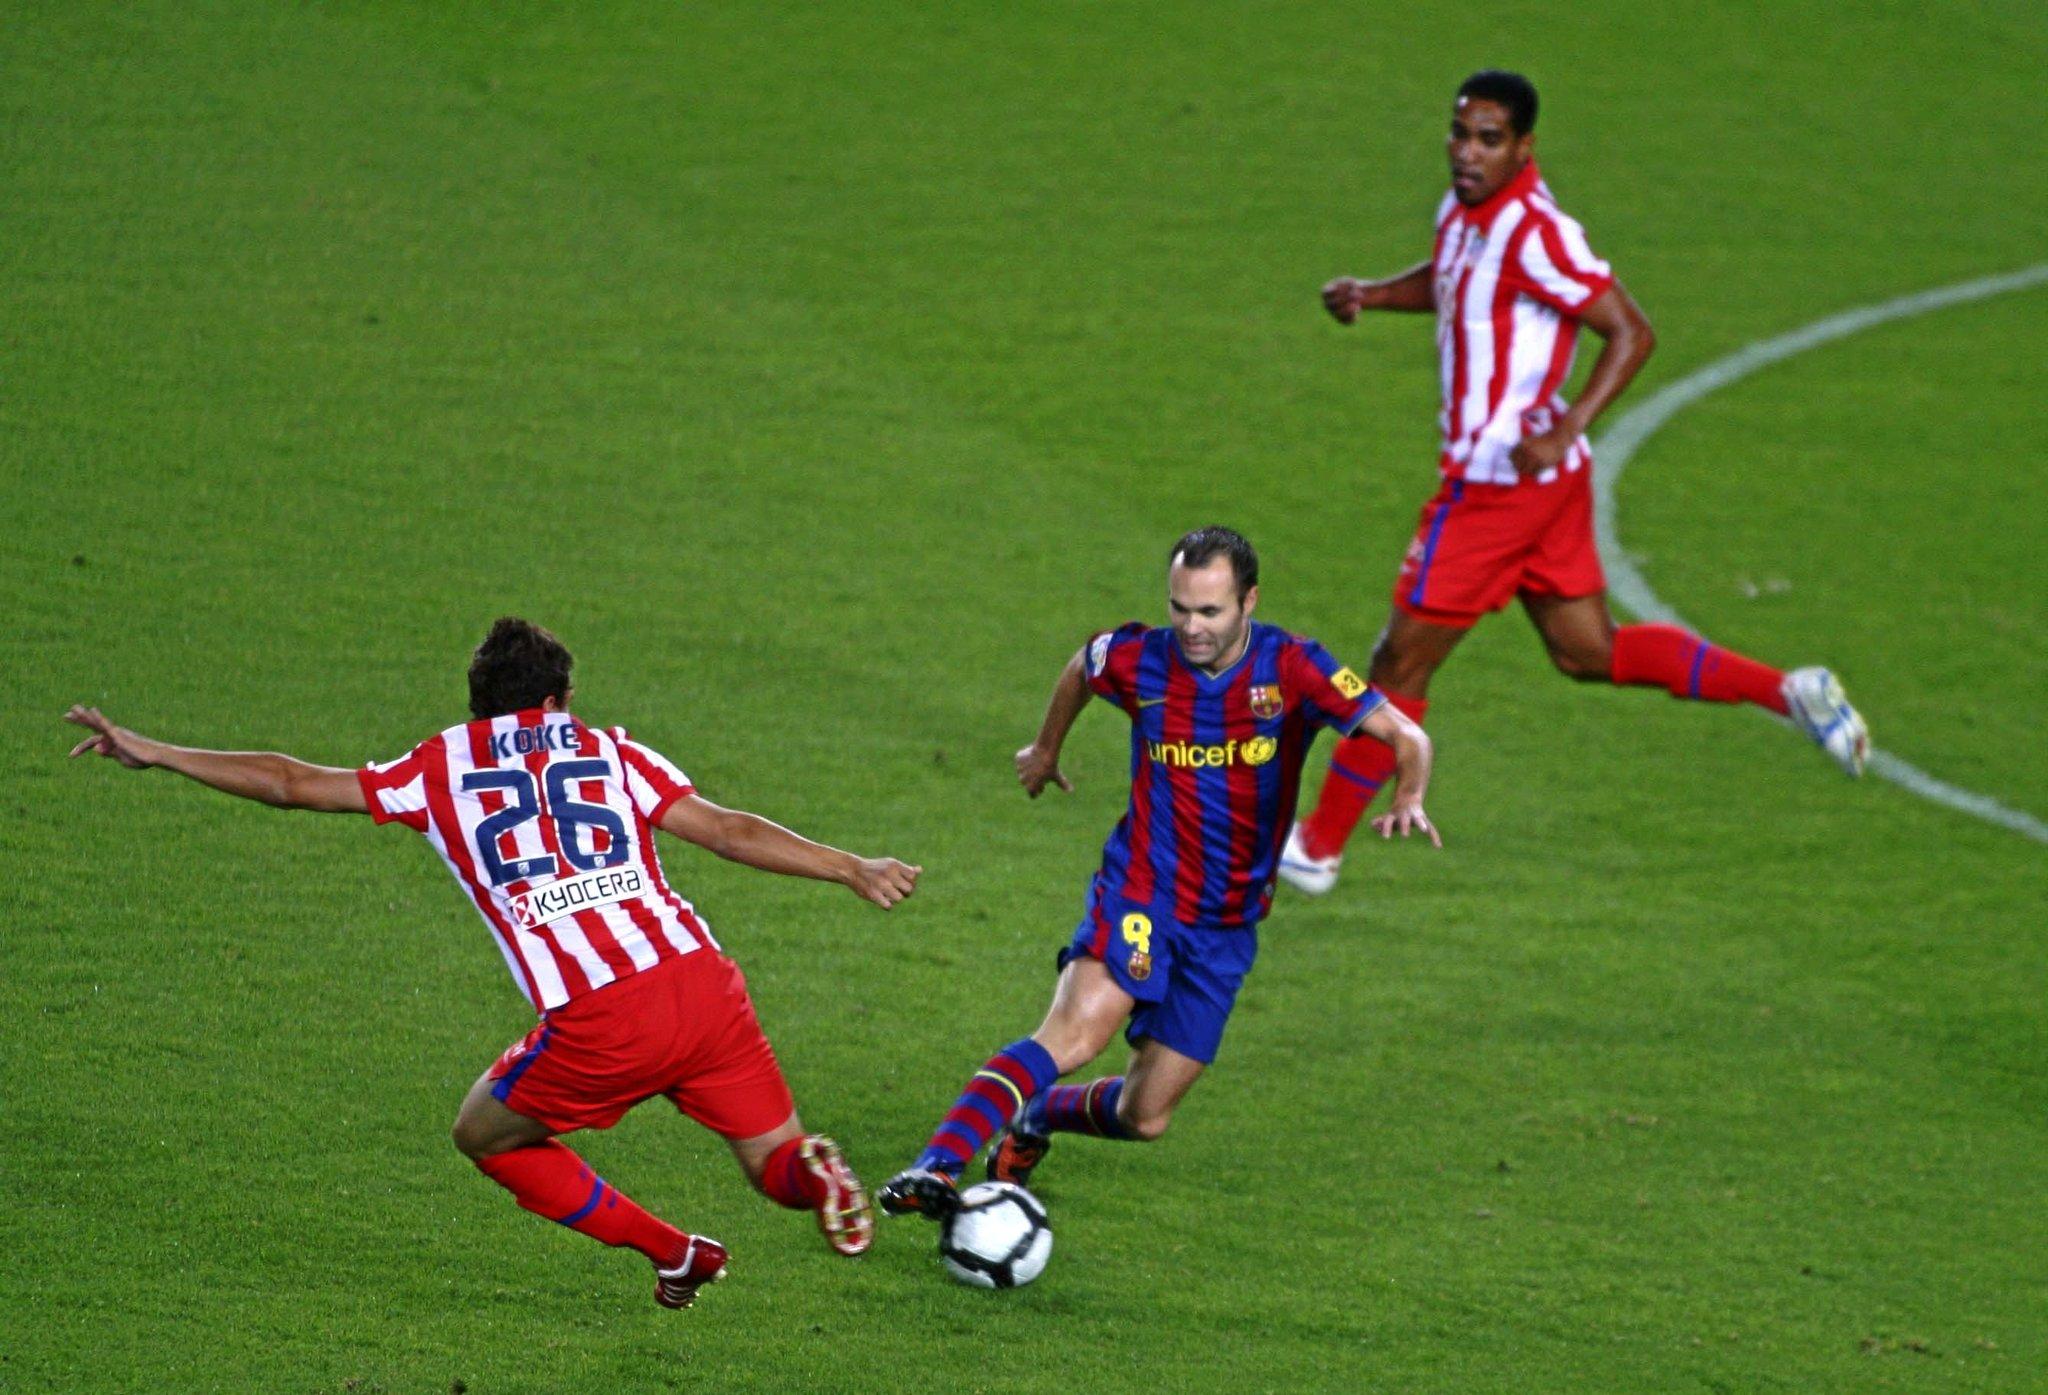 Koke, en su debut, disputando un balón con Iniesta